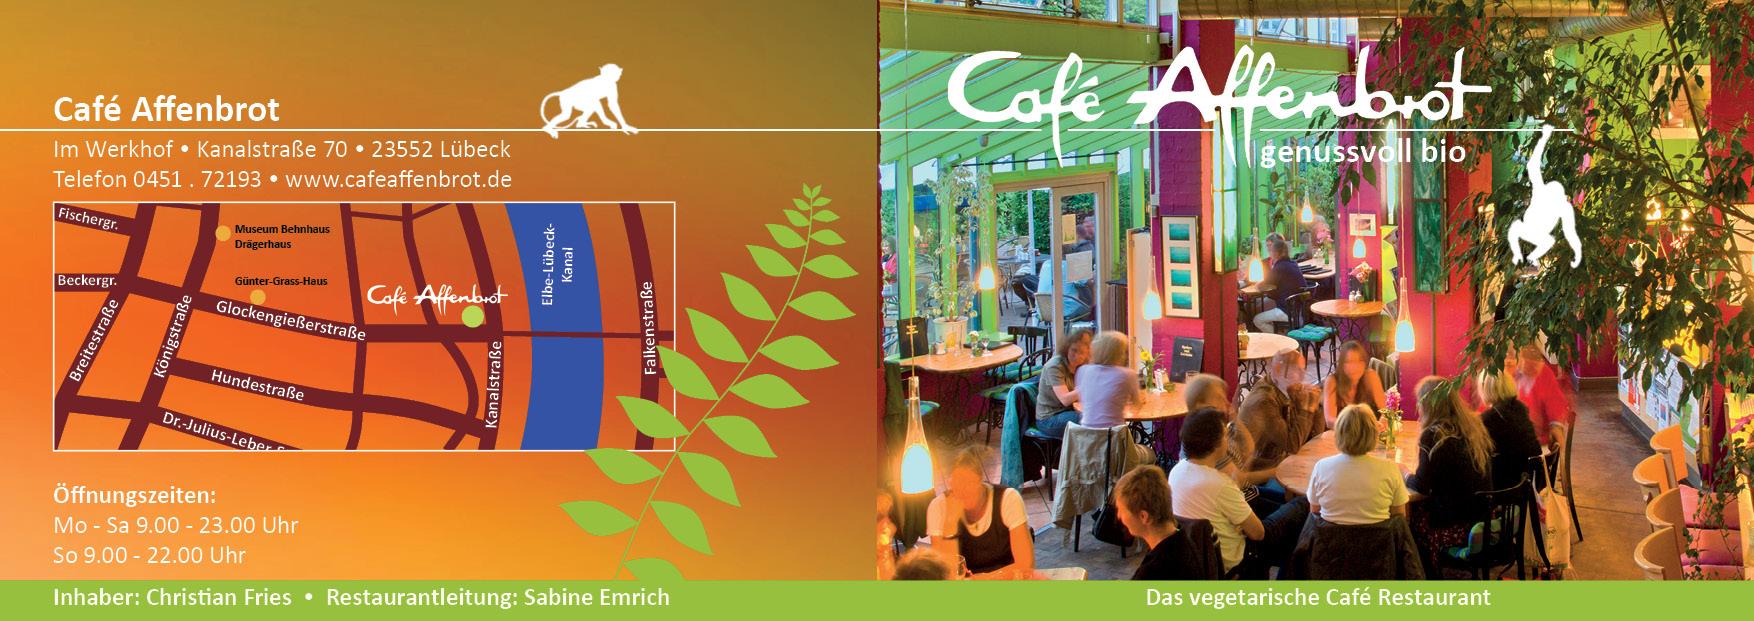 Cafe Affenbrot, flyer